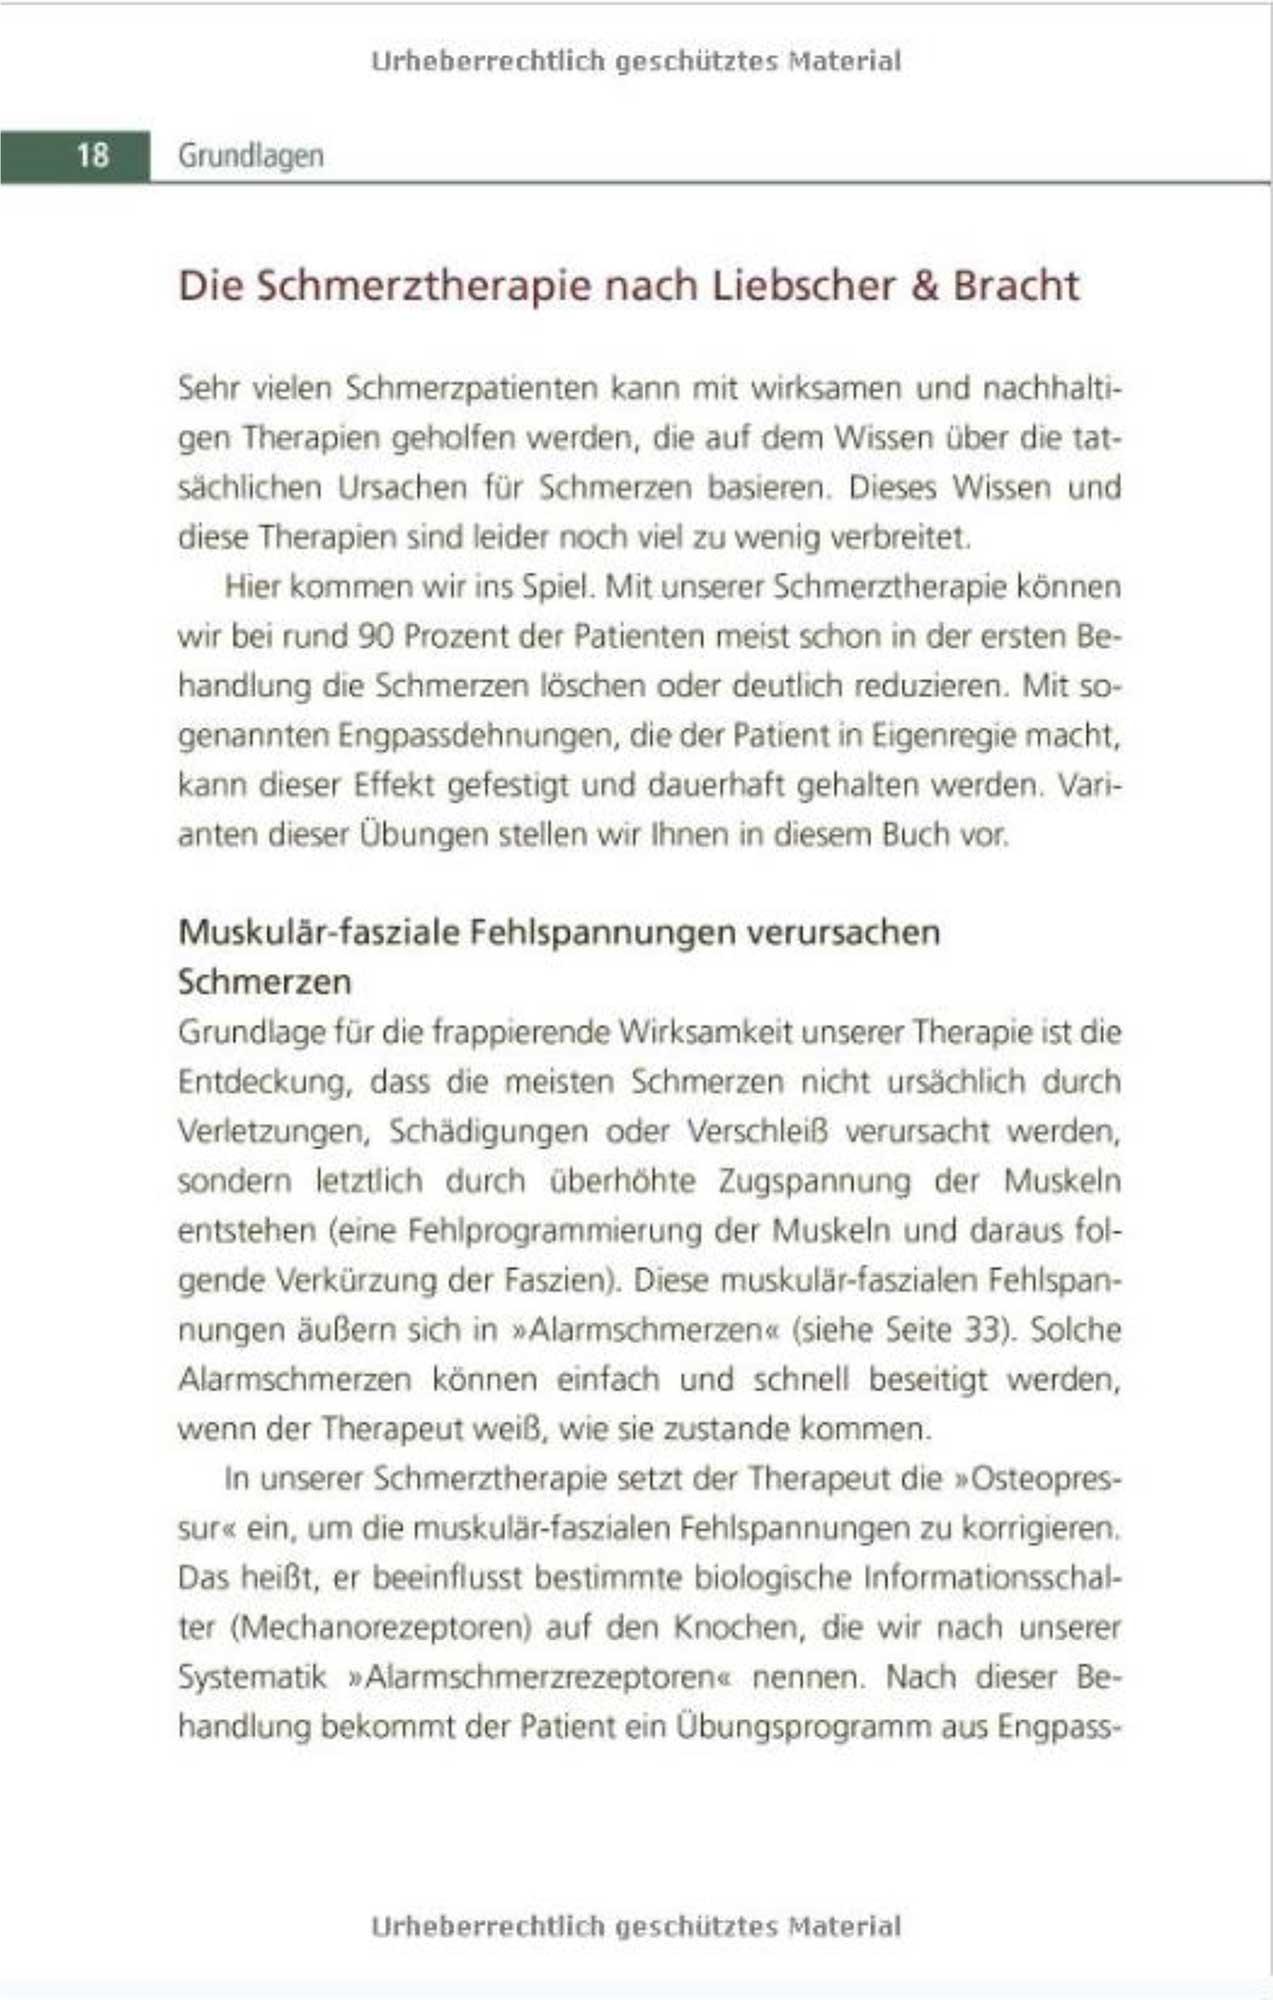 produkt-buch-knieratgeber-seite-2